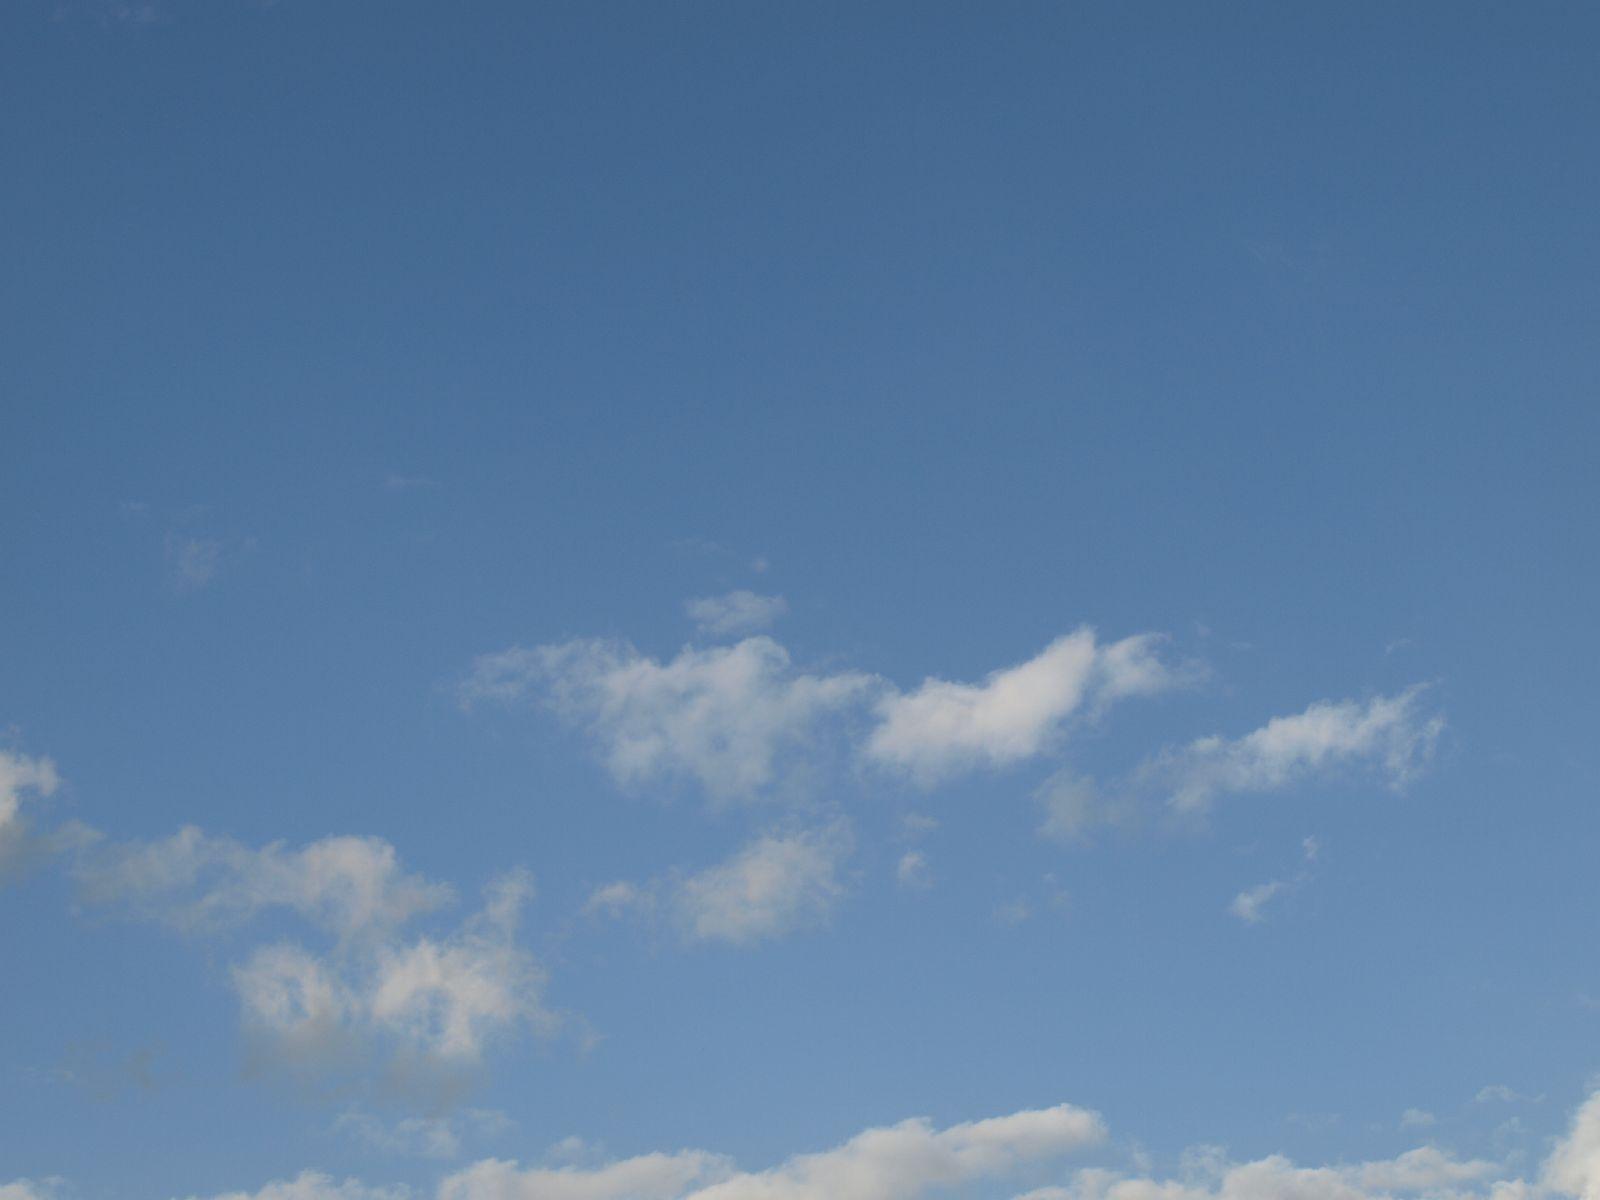 Himmel-Wolken-Foto_Textur_A_P8289267